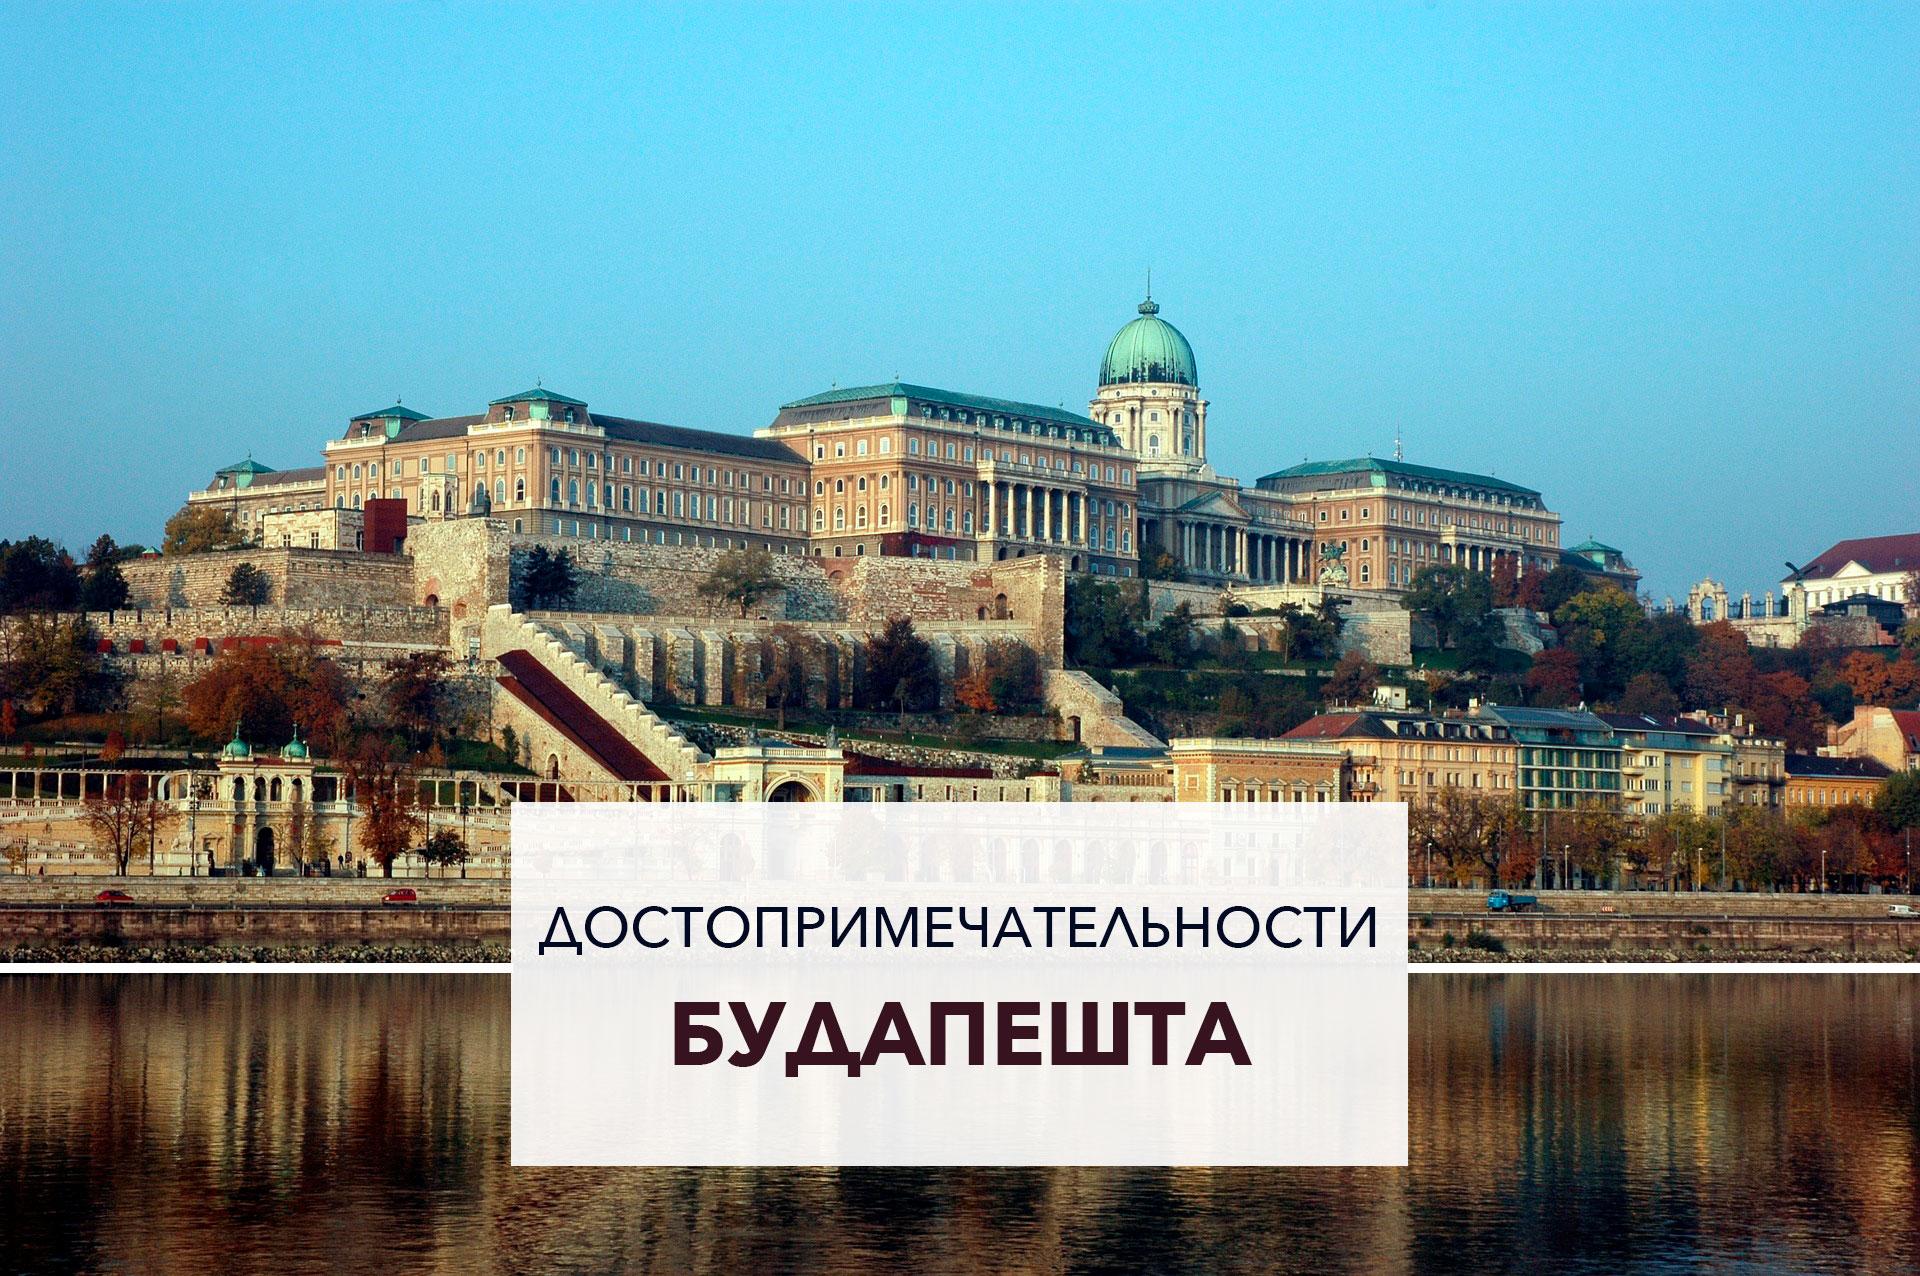 Главные достопримечательности Будапешта, Венгрии